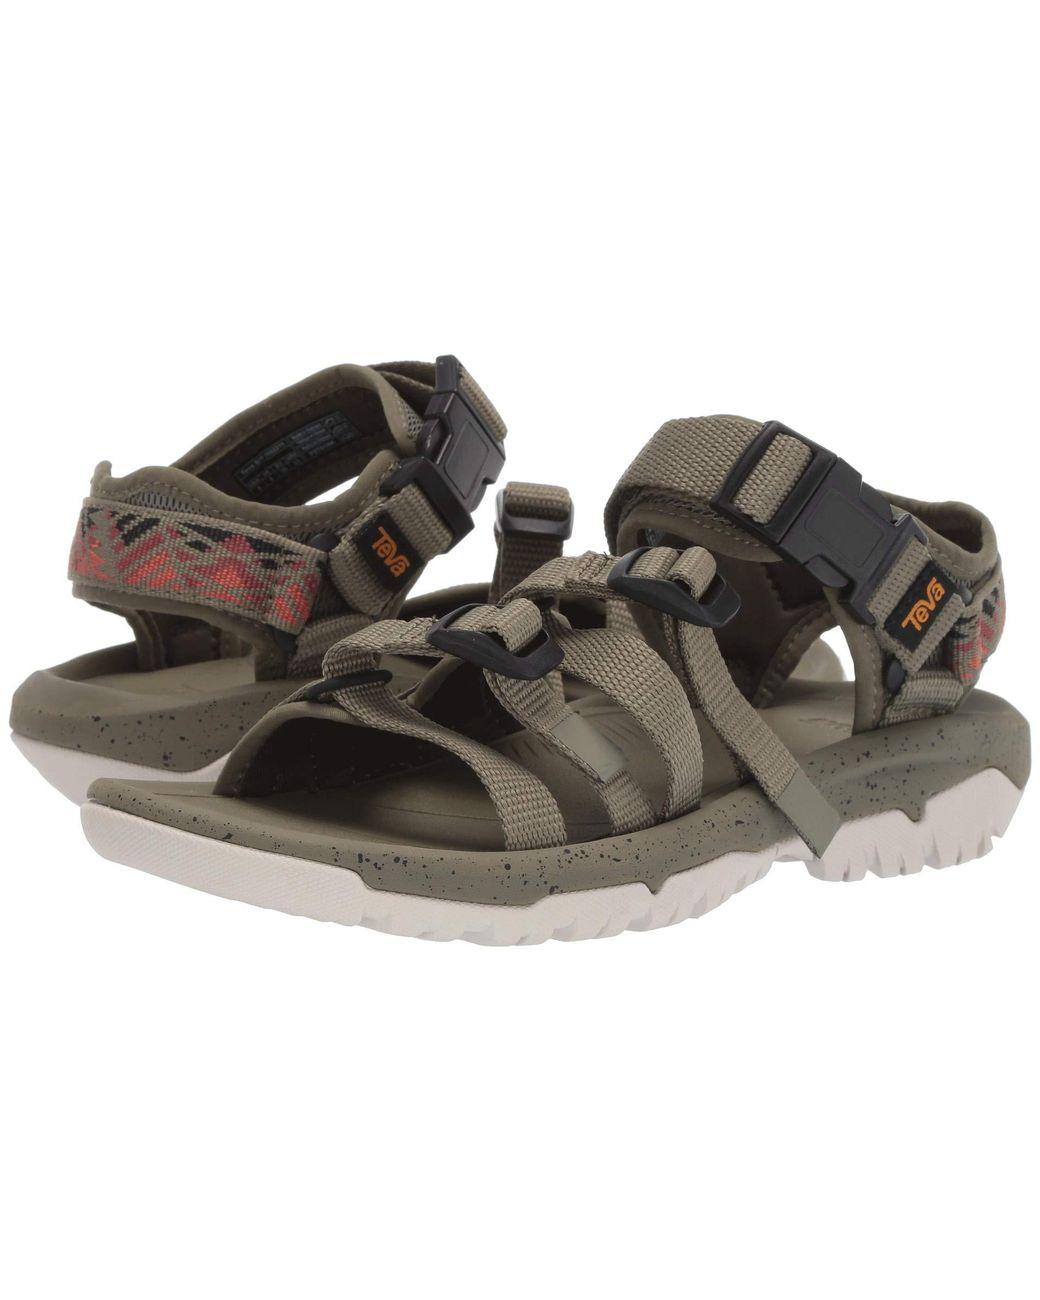 4b9d4a514231 Lyst - Teva Hurricane Xlt2 Alp (black) Women s Shoes